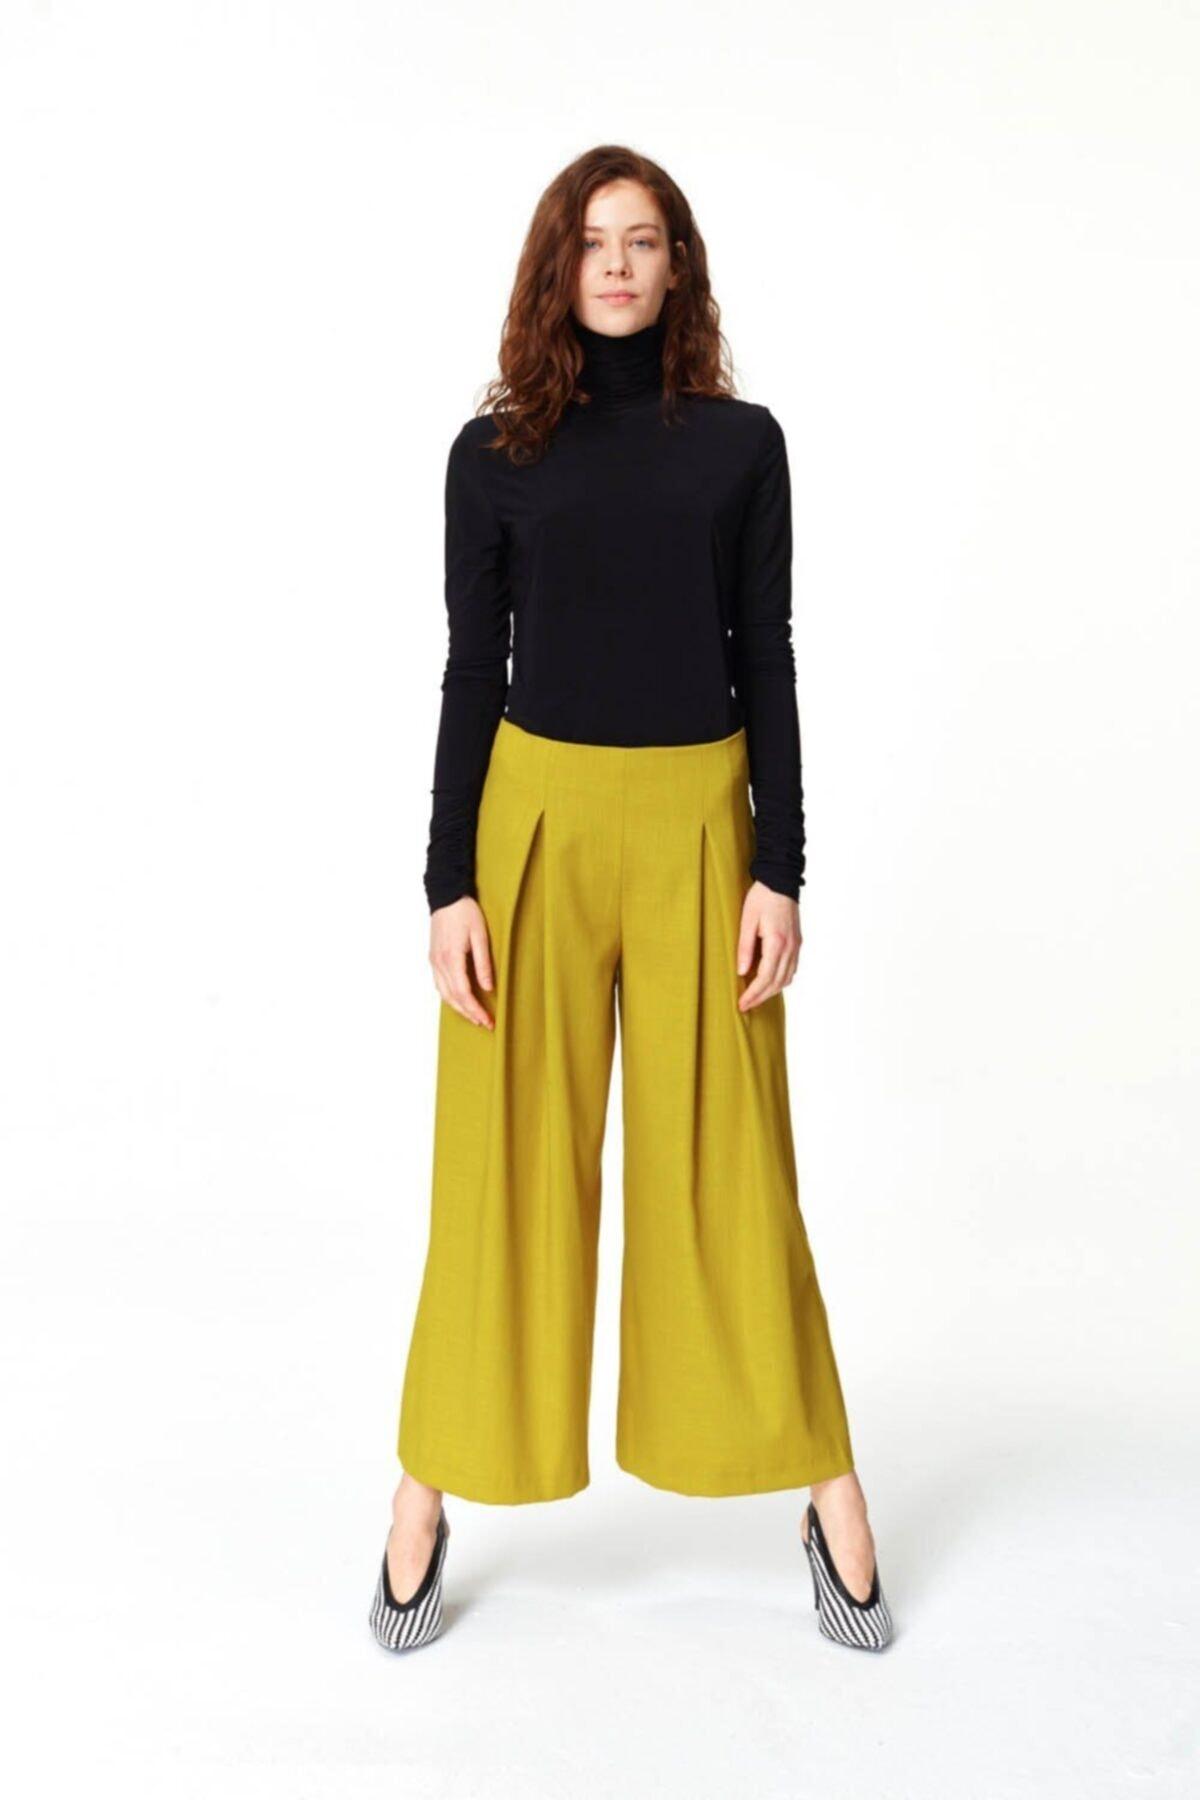 Mizalle Pile Detaylı Geniş Paça Pantolon (F.yeşil) 2